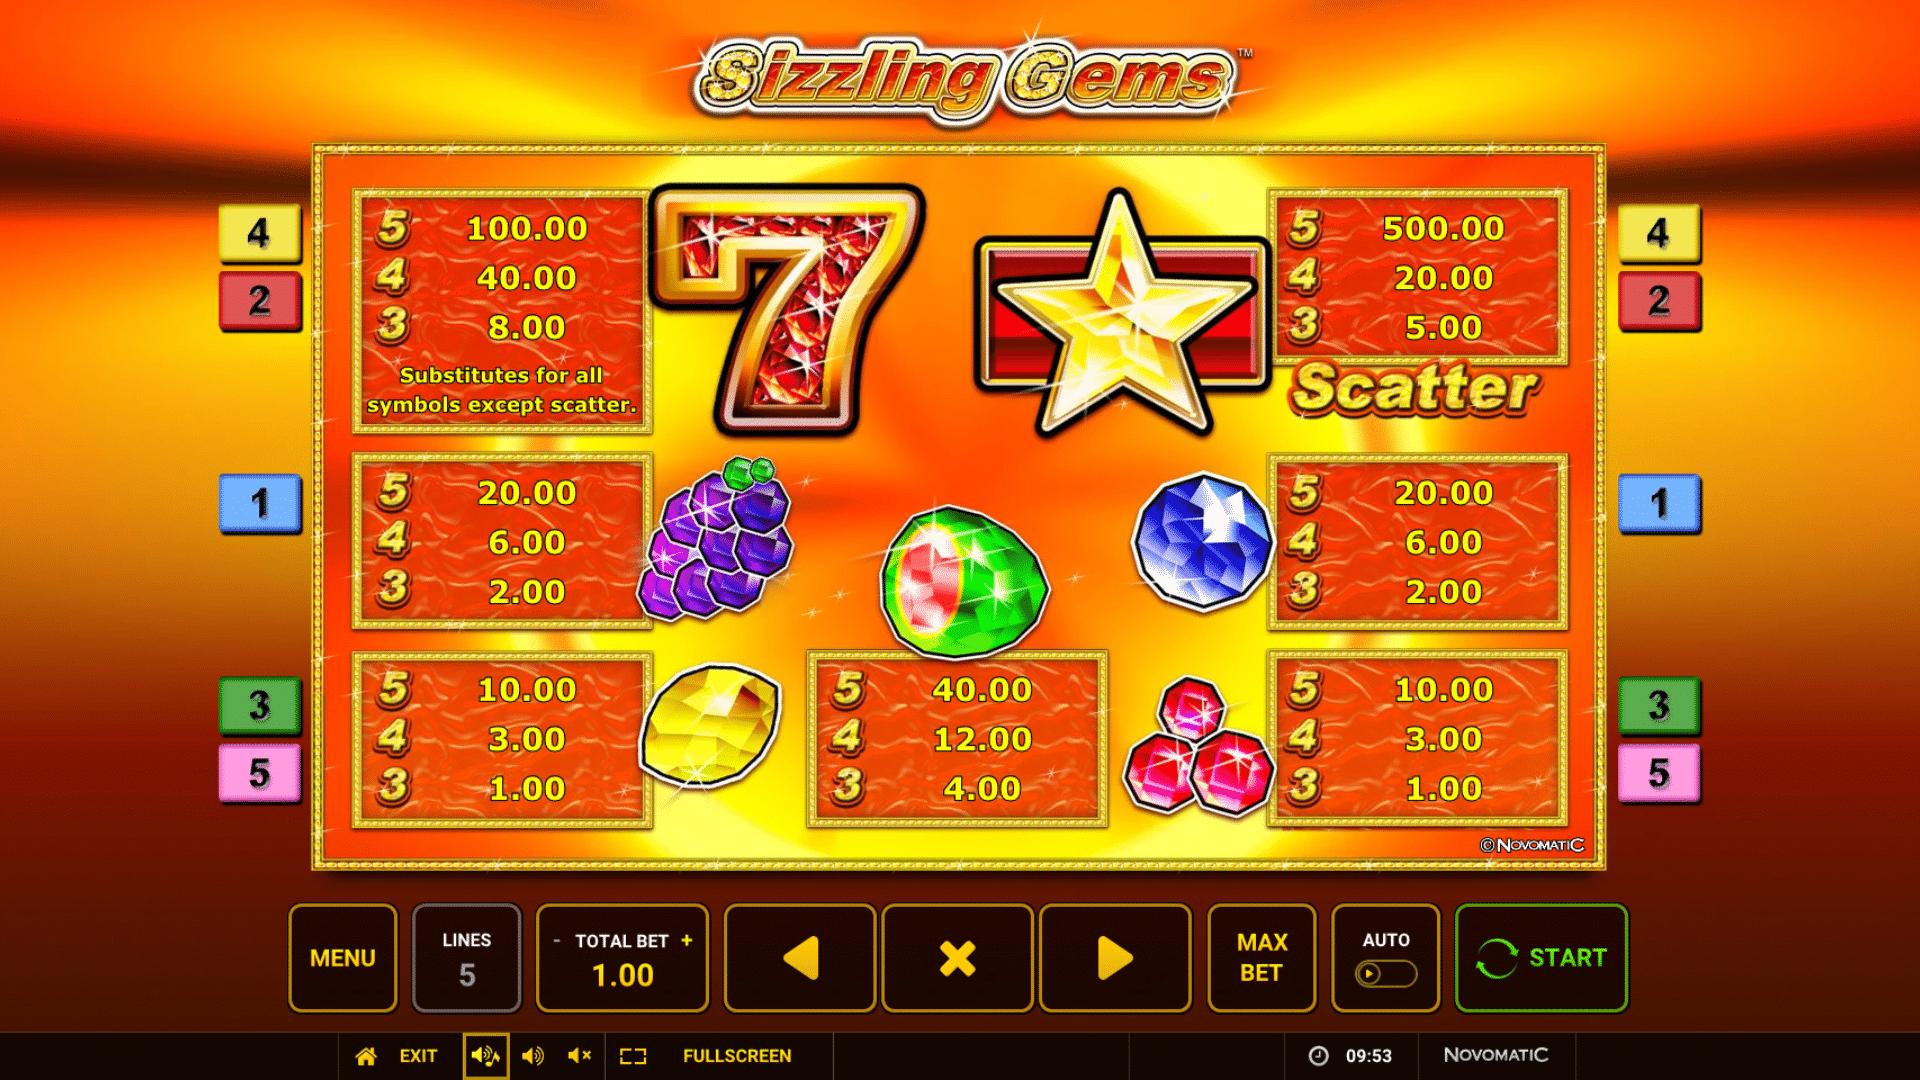 Tabella dei Pagamenti Slot gratis Sizzling Gems